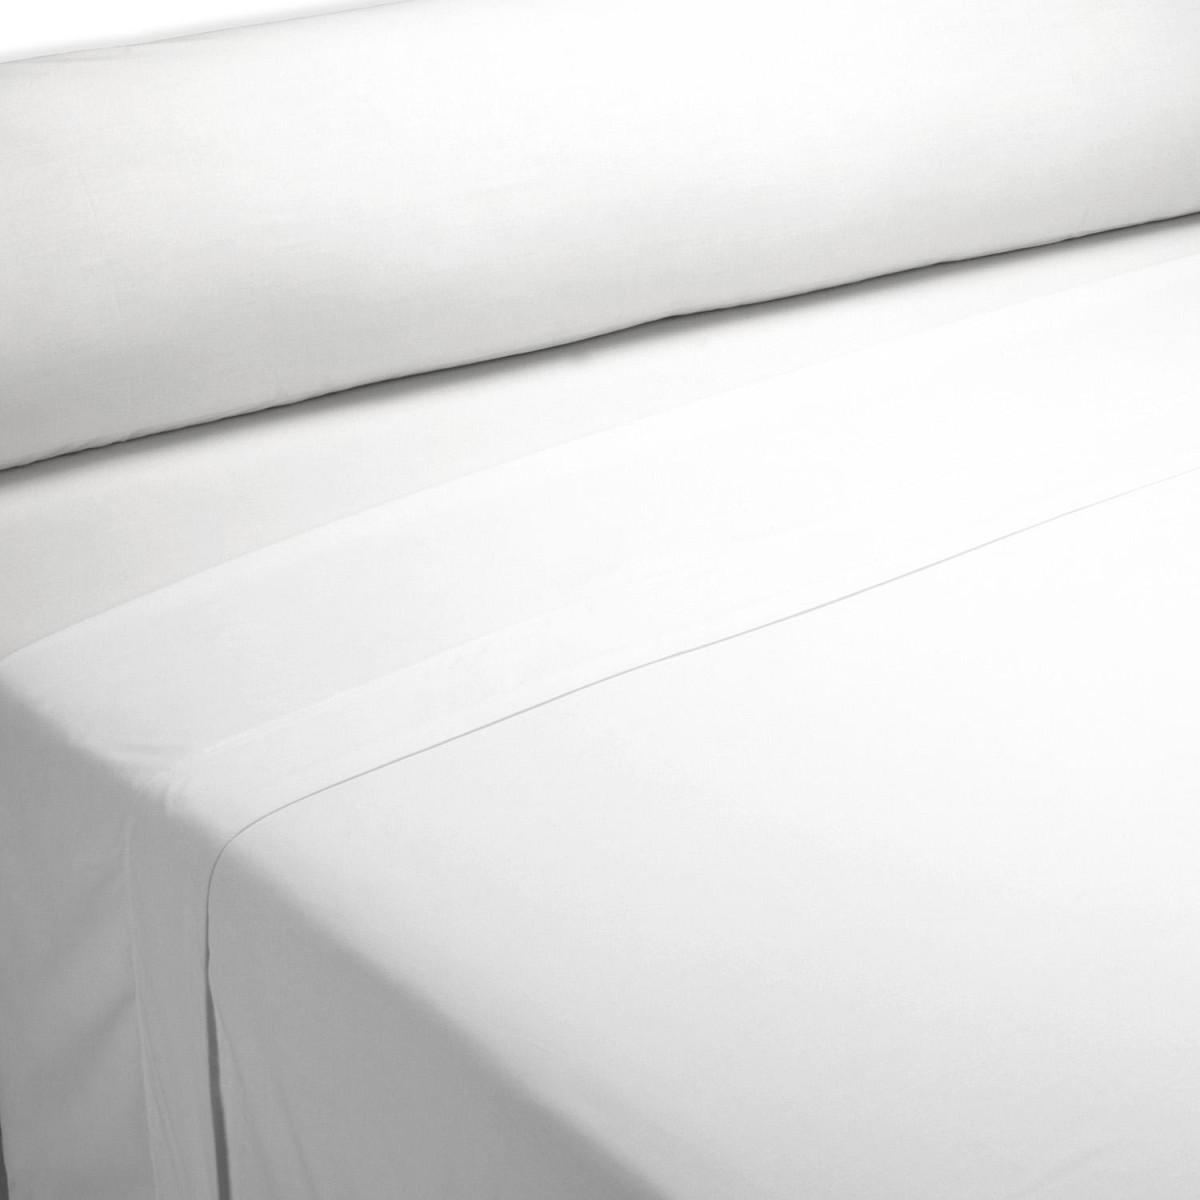 Sábana encimera HOSTELERIA 144 hilos (30/27) 50% Algodón - 50% Poliéster